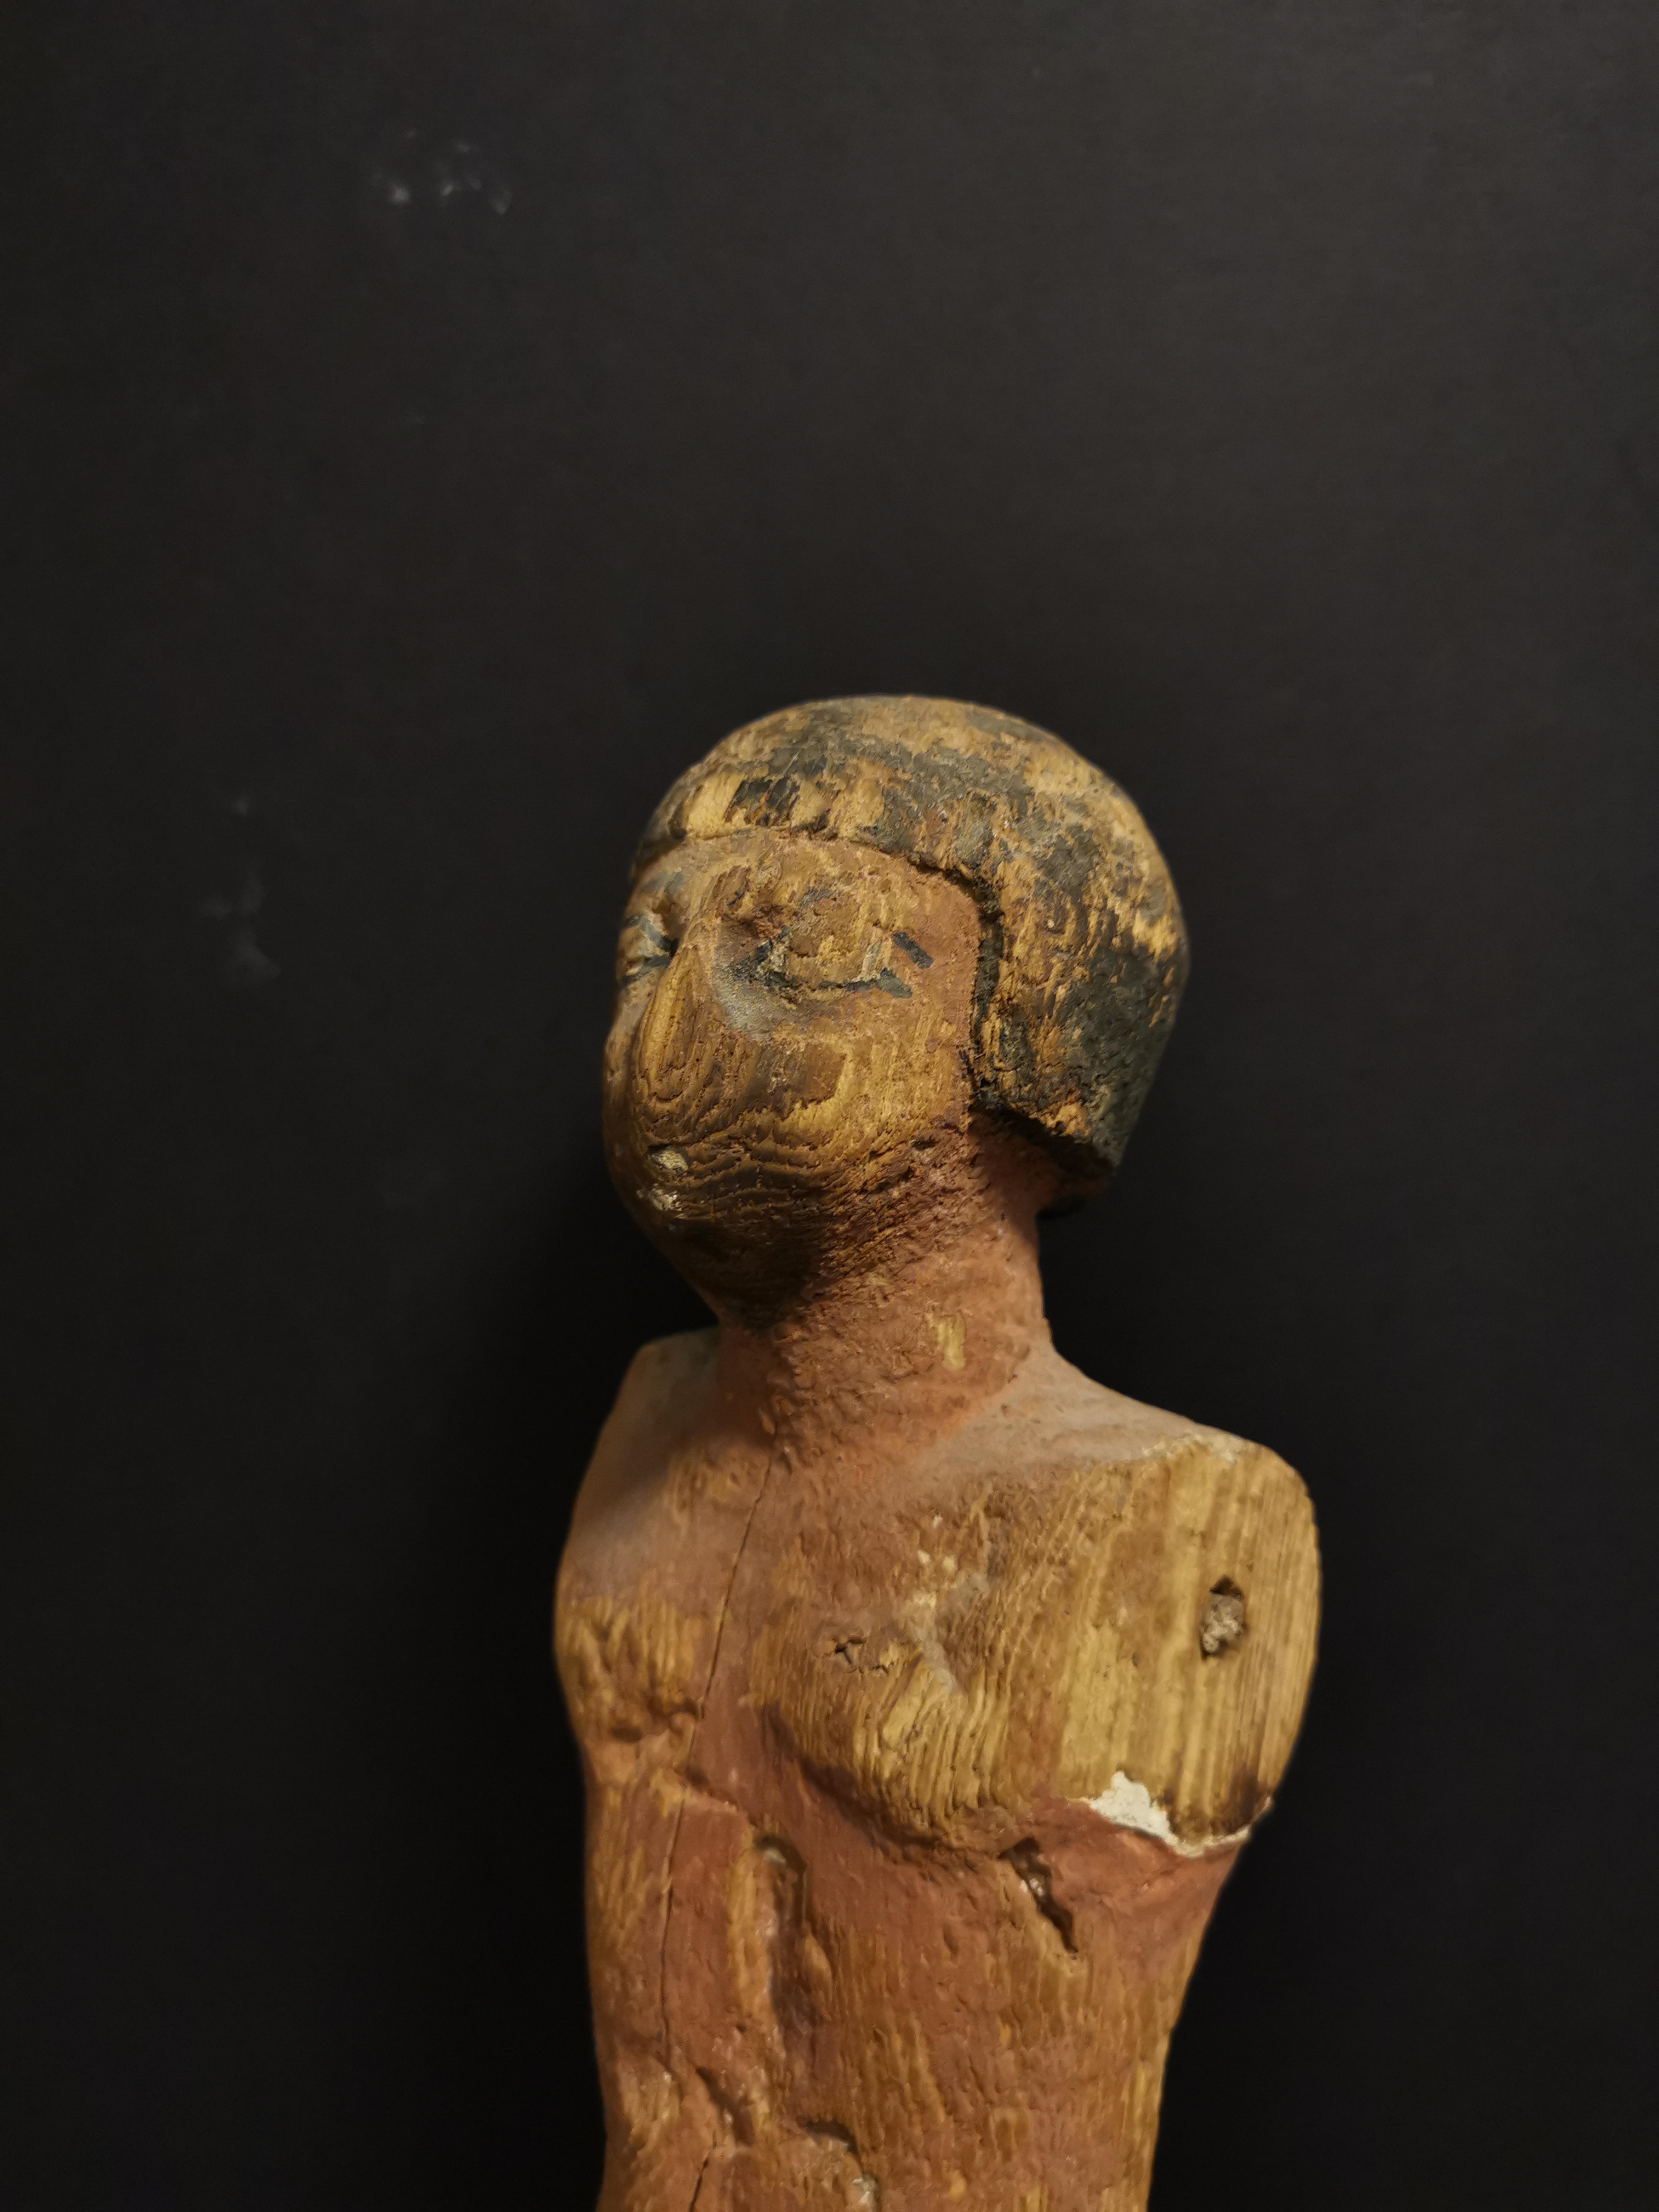 Statuette en ronde bosse représentant un homme debout vêtu d'un pagne. Les détails [...] - Image 4 of 4